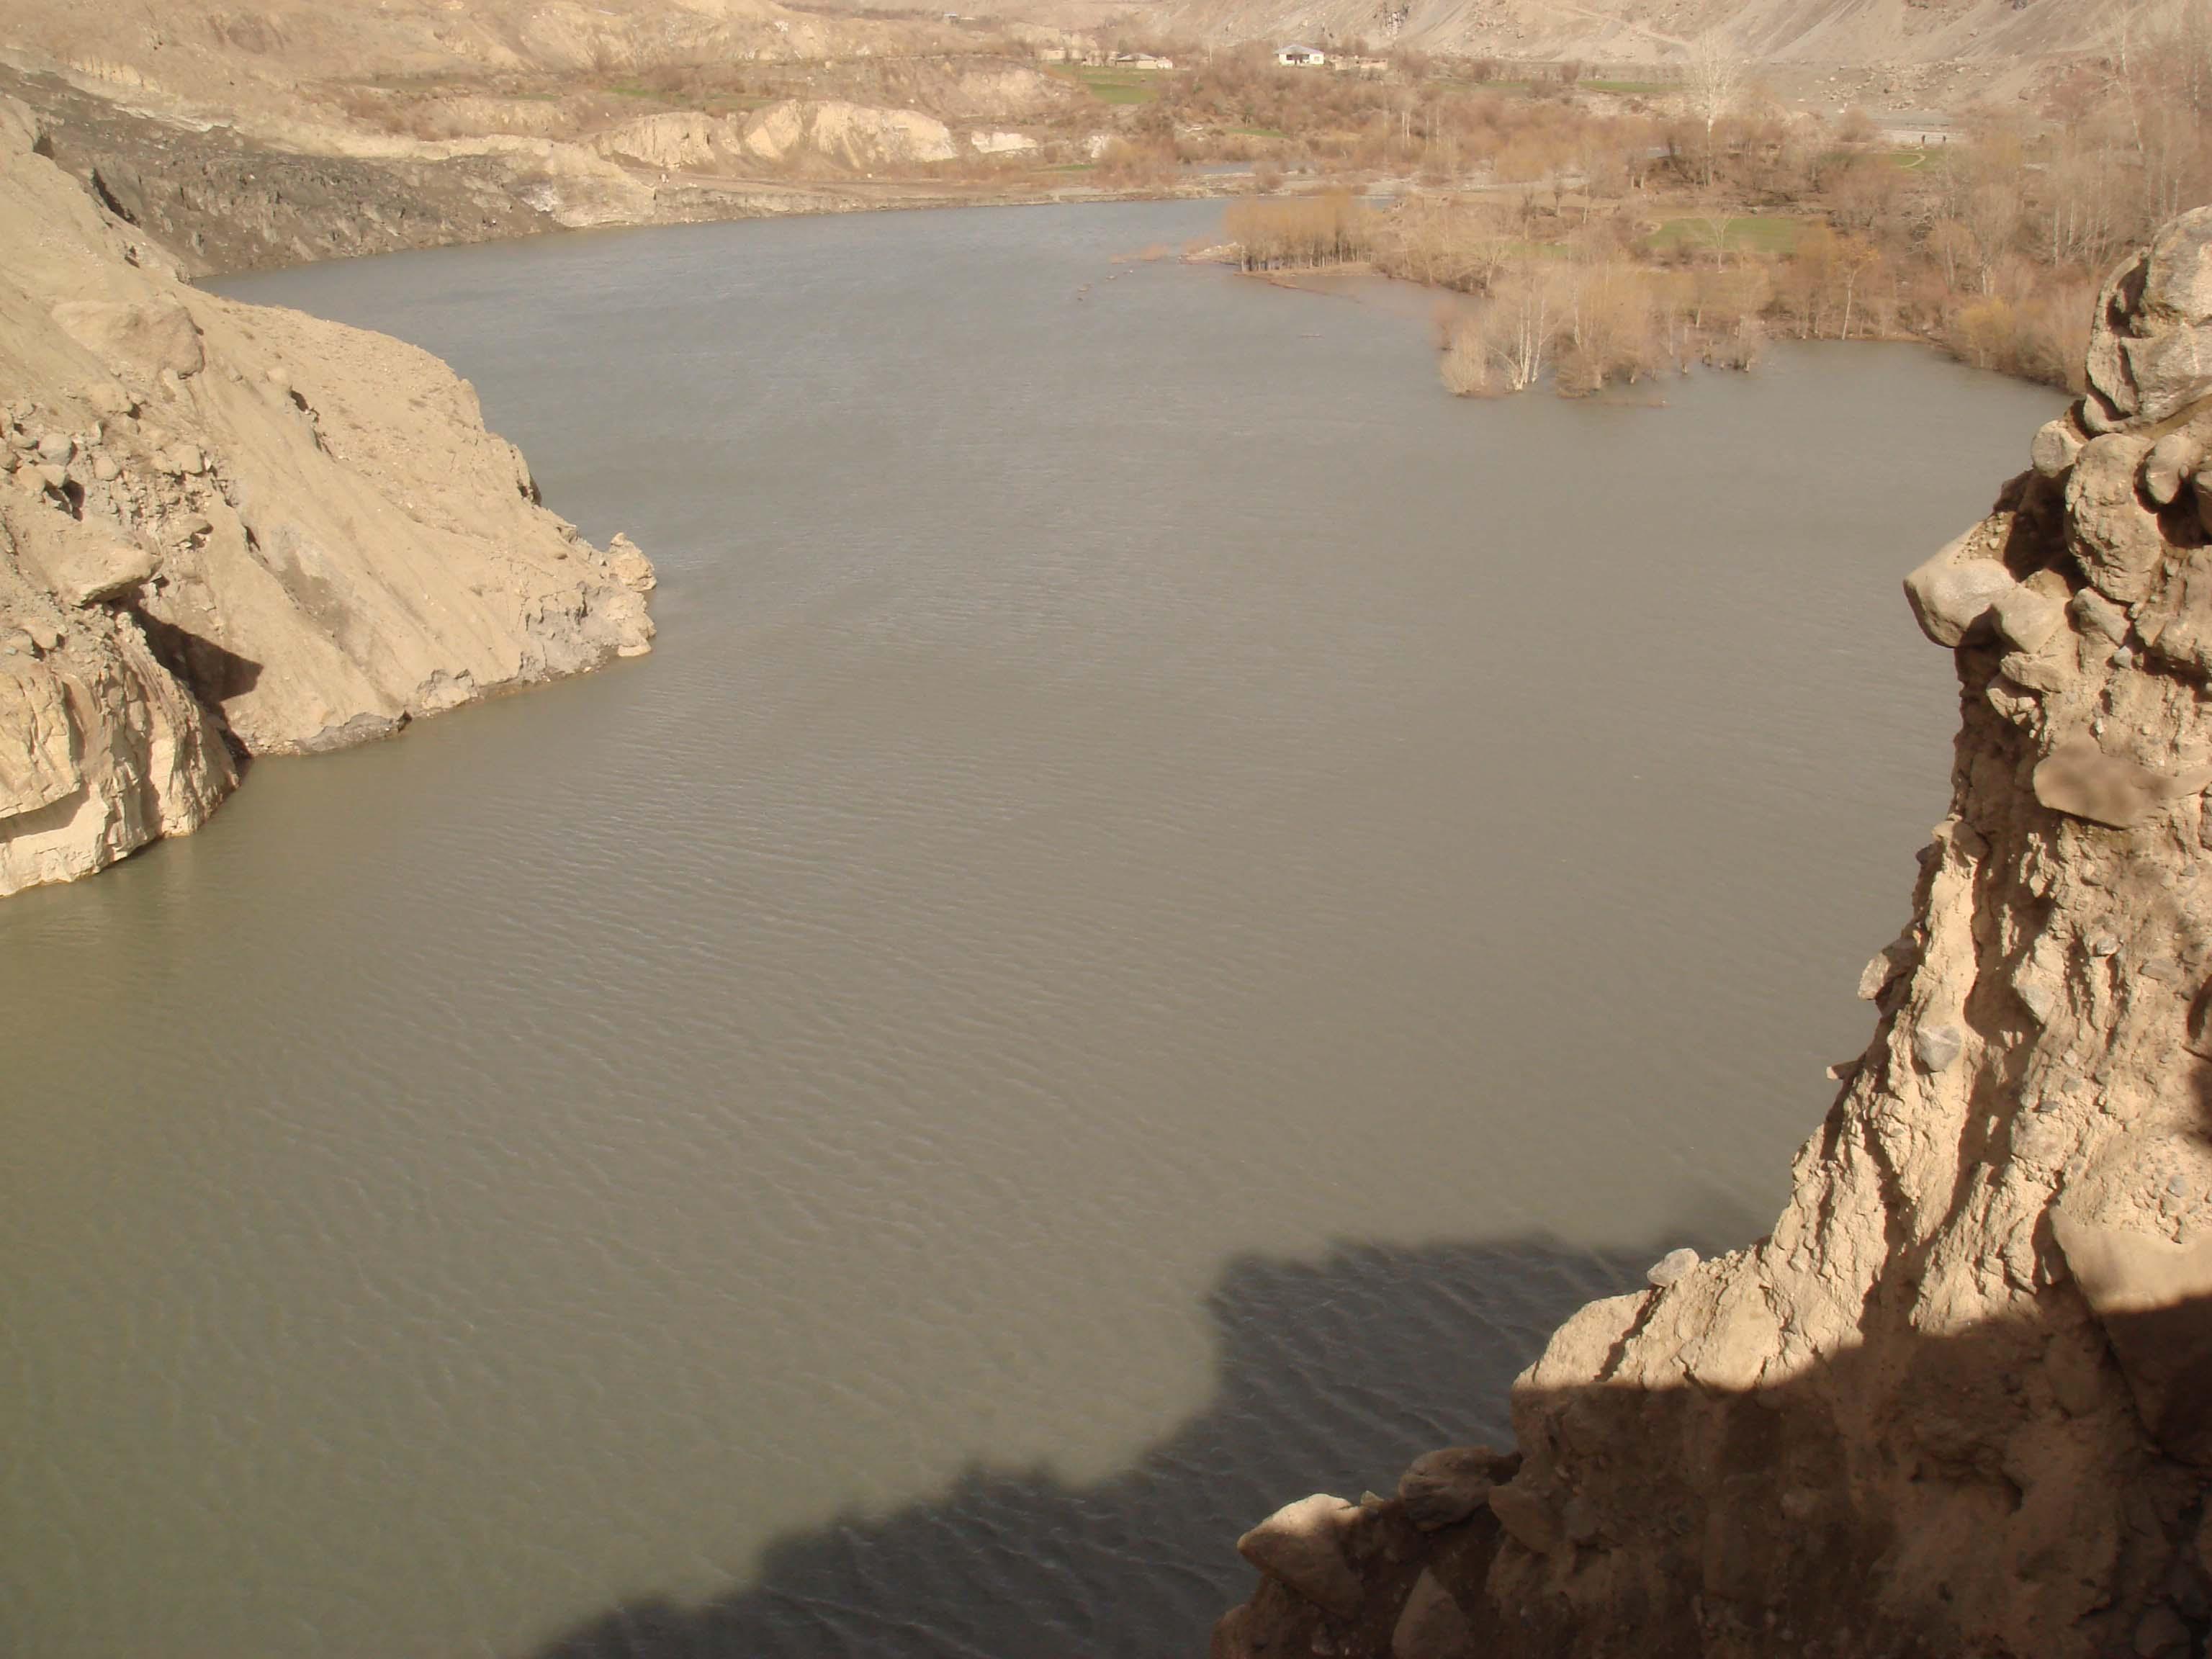 چترال کے بالائی علاقے ریشن کے مقام پر دریائے مستوج میں پہاڑی تودہ گرنے سے پانی کا بہاؤ رک گیا